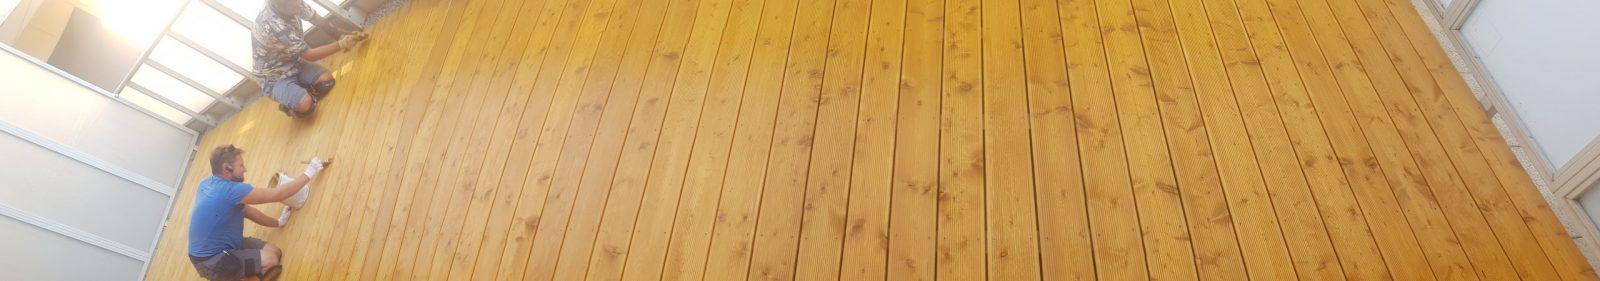 Pielęgnacja tarasu drewnianego